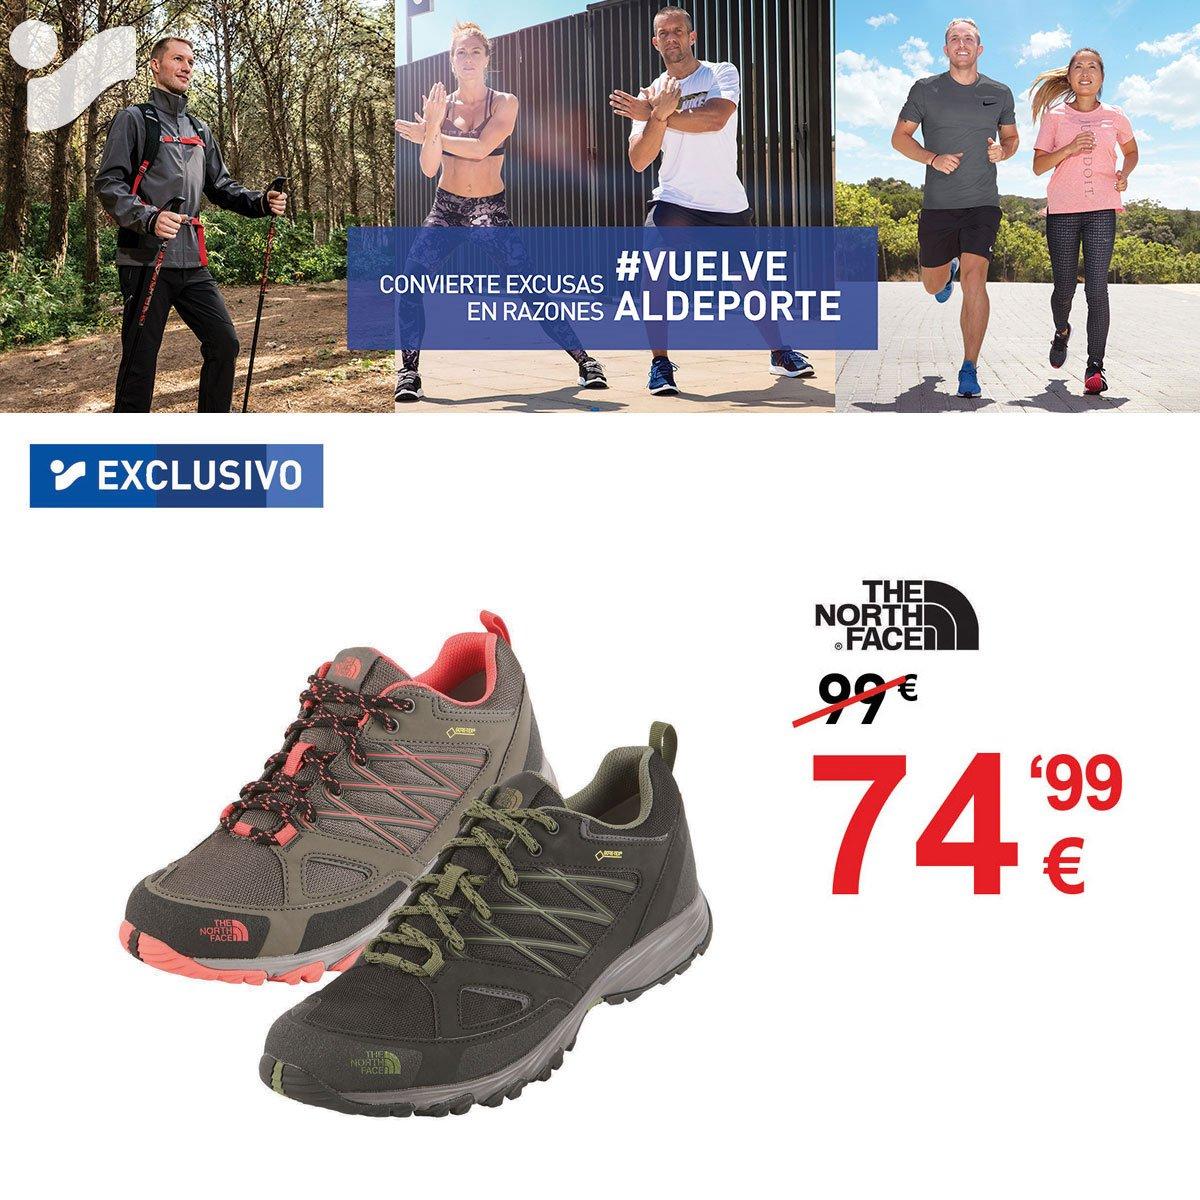 d77e34a1f2 Sea donde sea #Vuelvealdeporte con estas ofertas y productos exclusivos de # Intersport. Búscalos en tu tienda más cercana o en nuestra web ...